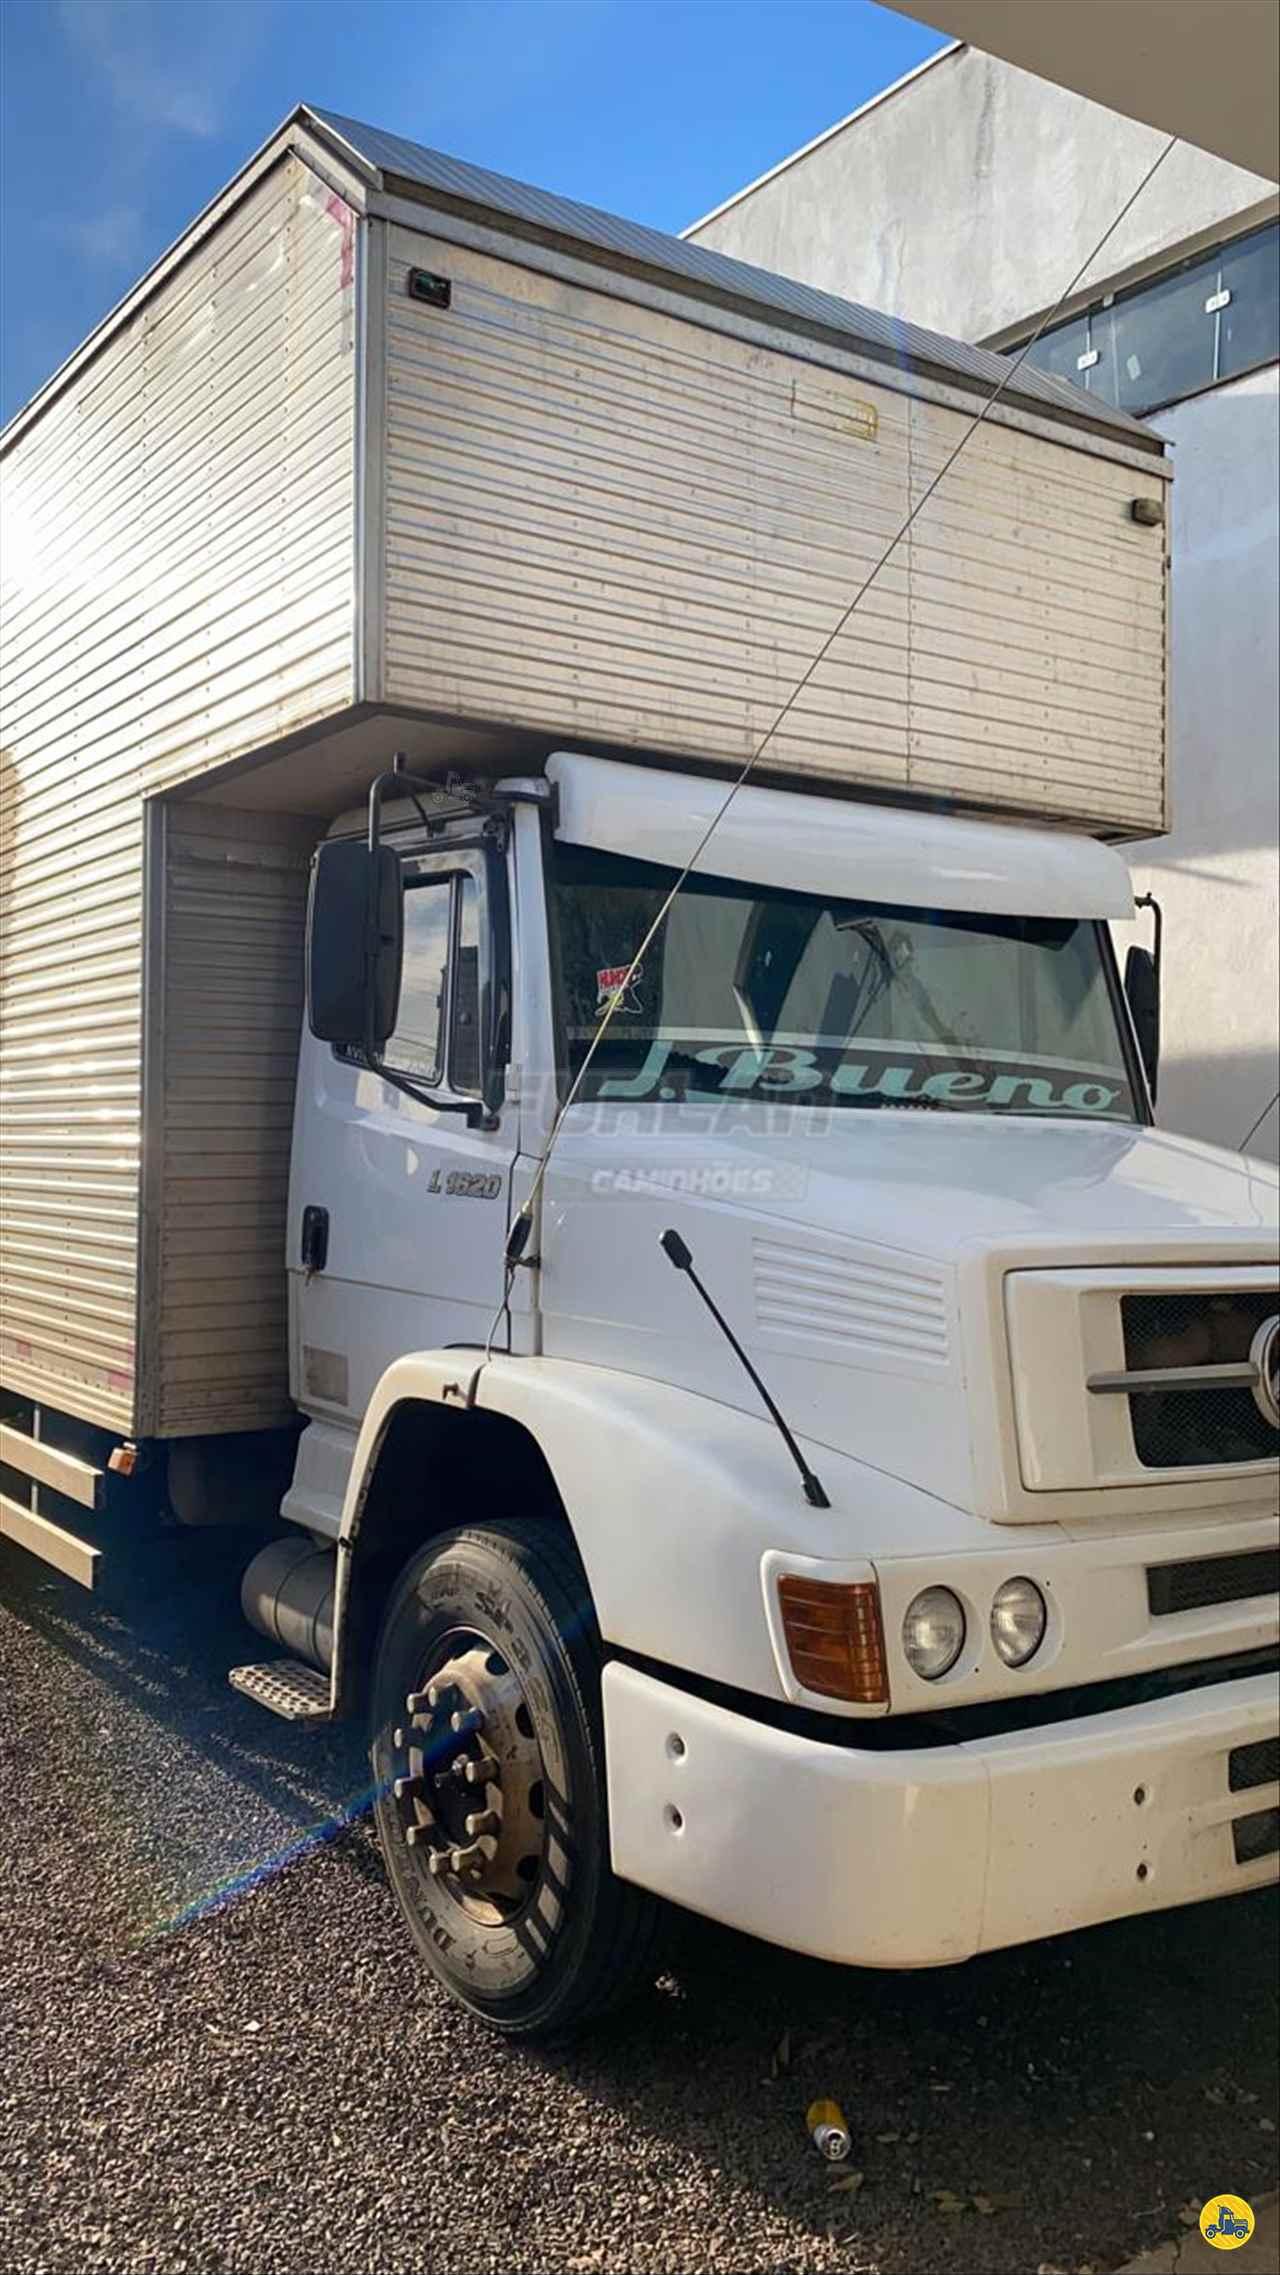 CAMINHAO MERCEDES-BENZ MB 1620 Baú Furgão Truck 6x2 Furlan Caminhões UMUARAMA PARANÁ PR